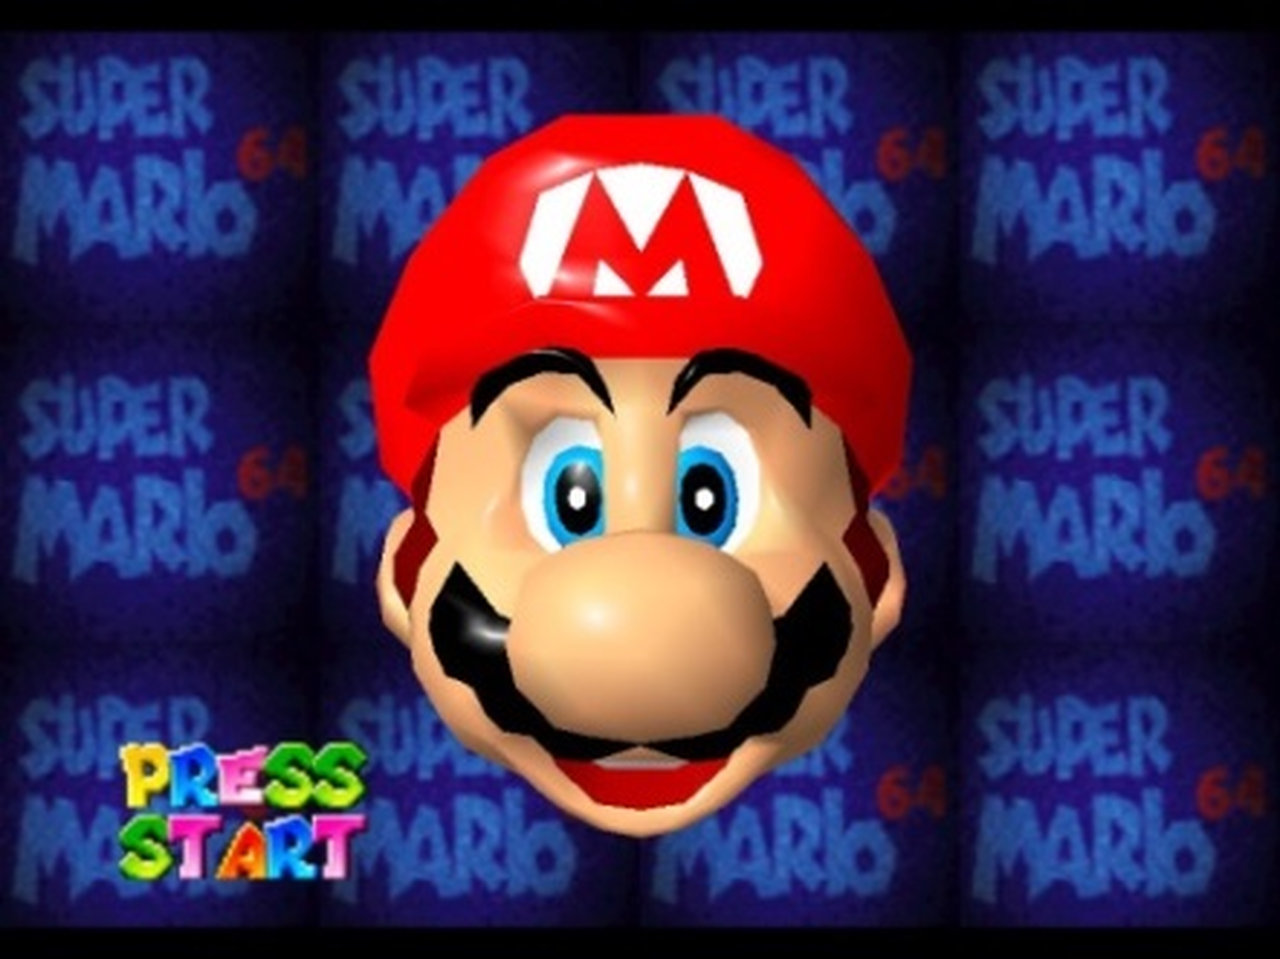 Unvergessene Momente: Der Startbildschirm mit Mario zum Anfassen. (Bild: Nintendo)